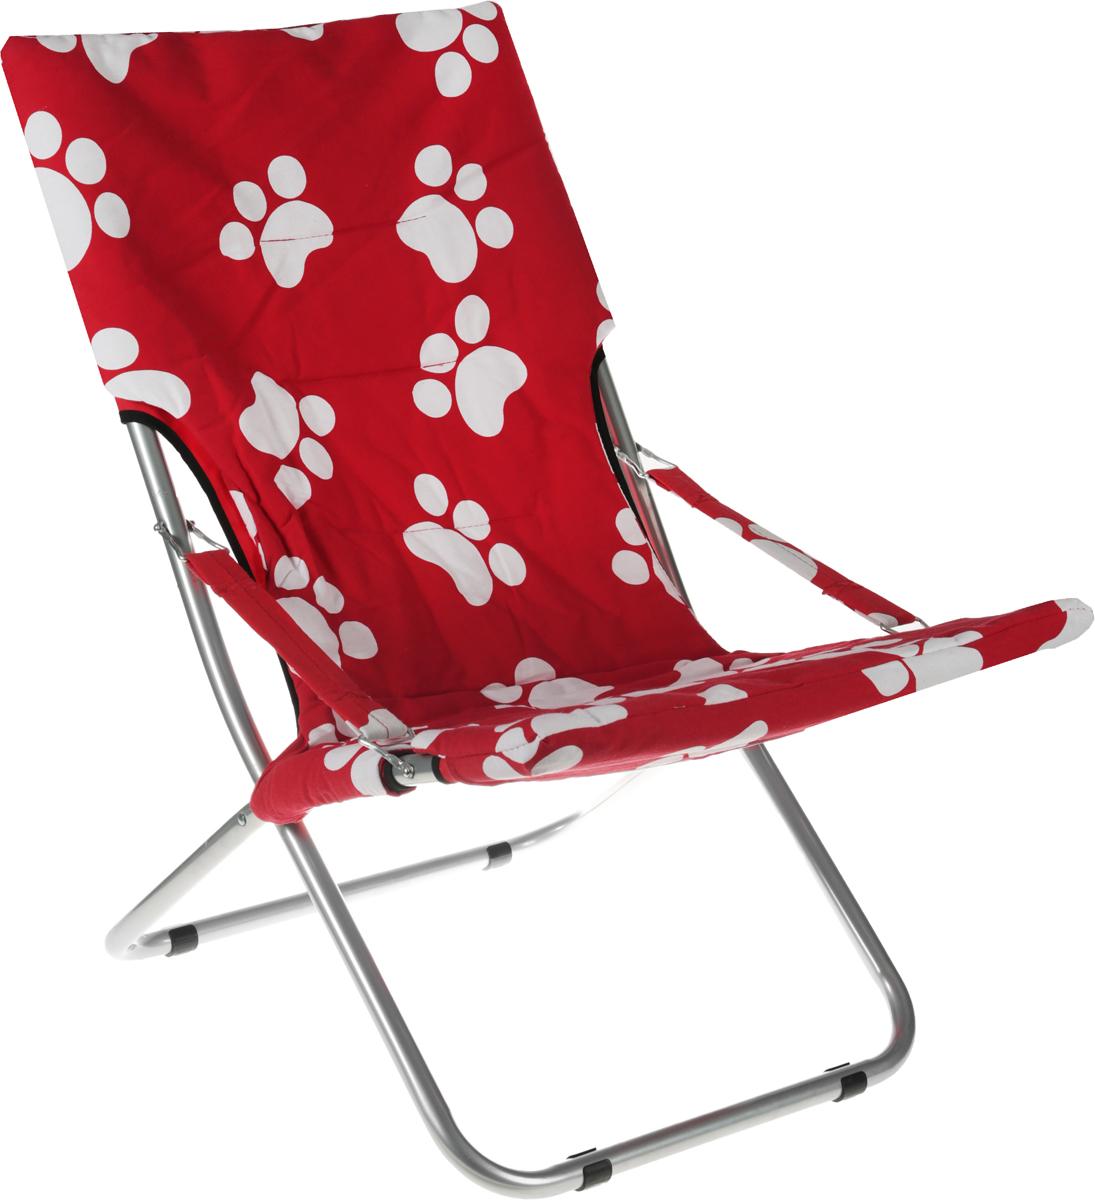 Кресло складное  Wildman , цвет: красный, белый, 73 х 60 х 100 см - Складная и надувная мебель